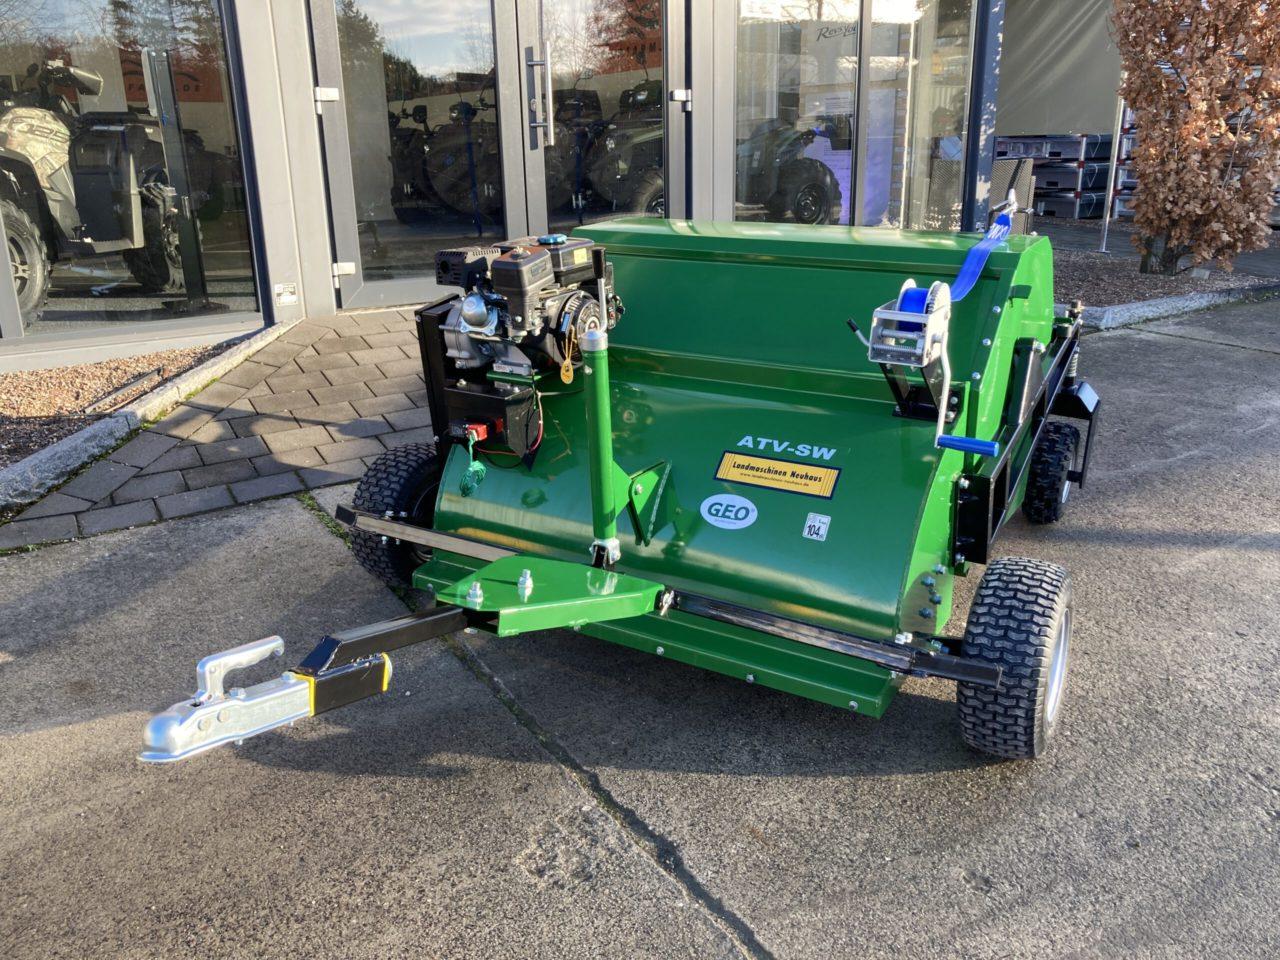 GEO ATV SW Paddock cleaner, Kehrmaschine, Kehrbürste